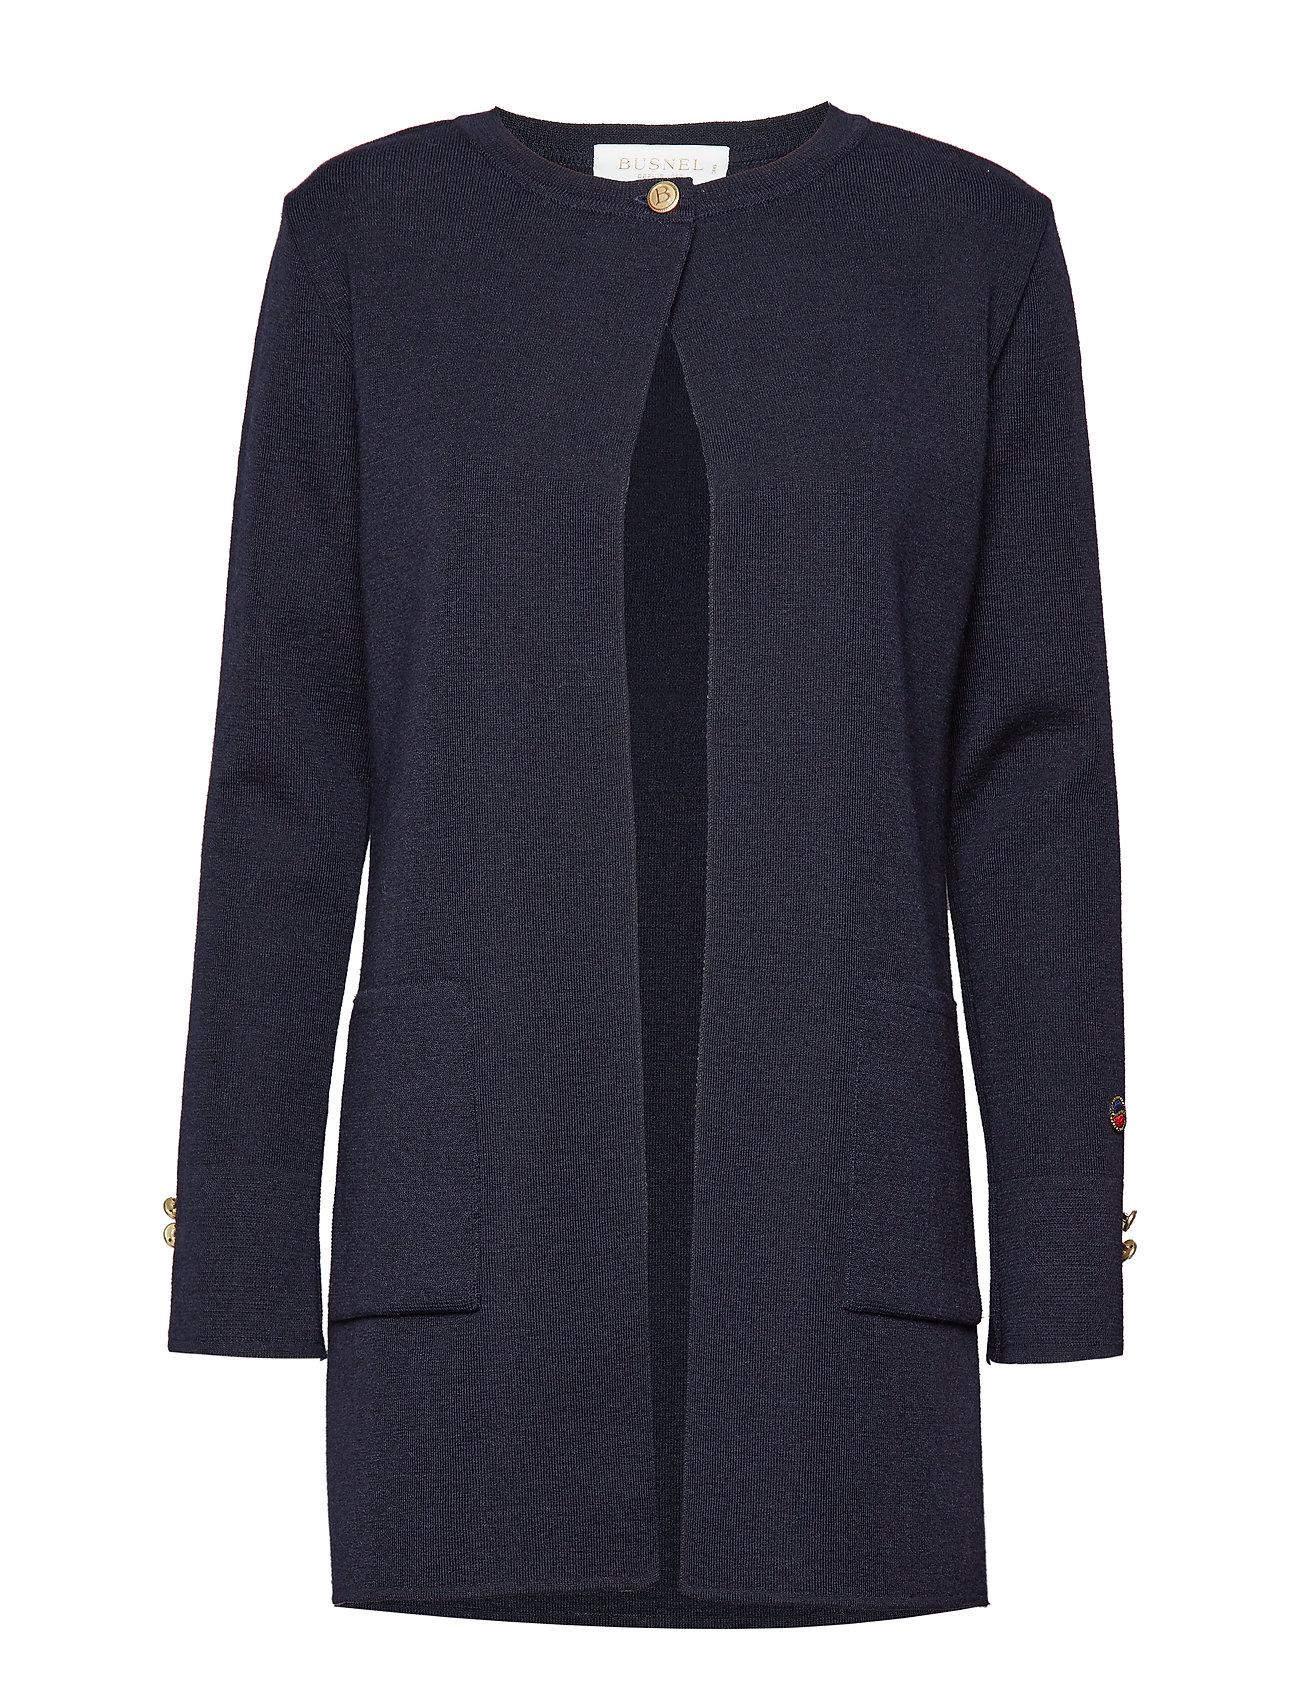 c8b54a9d 2 Coat coat - Prissøk - Gir deg laveste pris